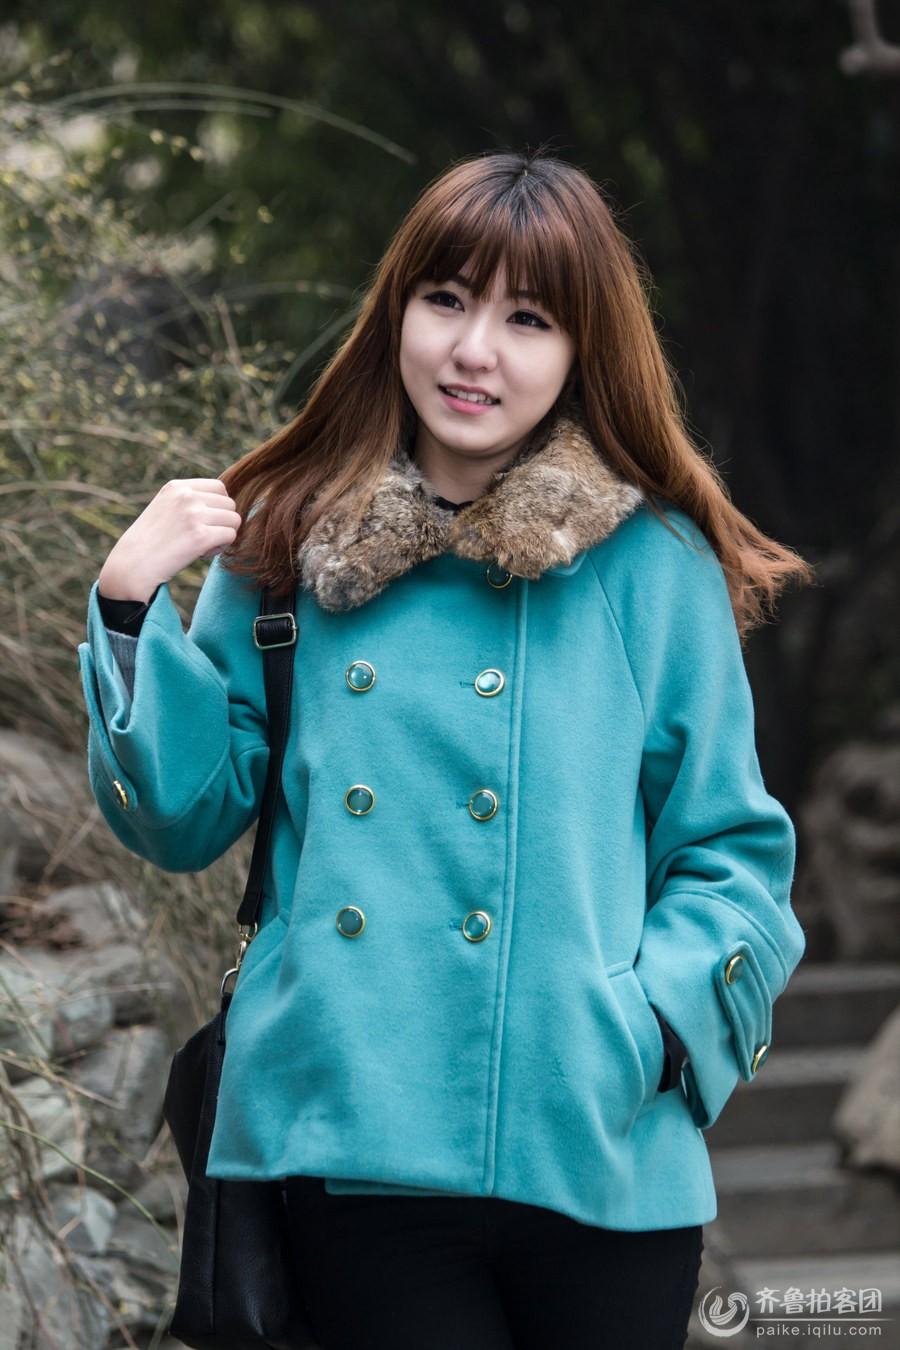 青衣女子组照 - 滨州拍客